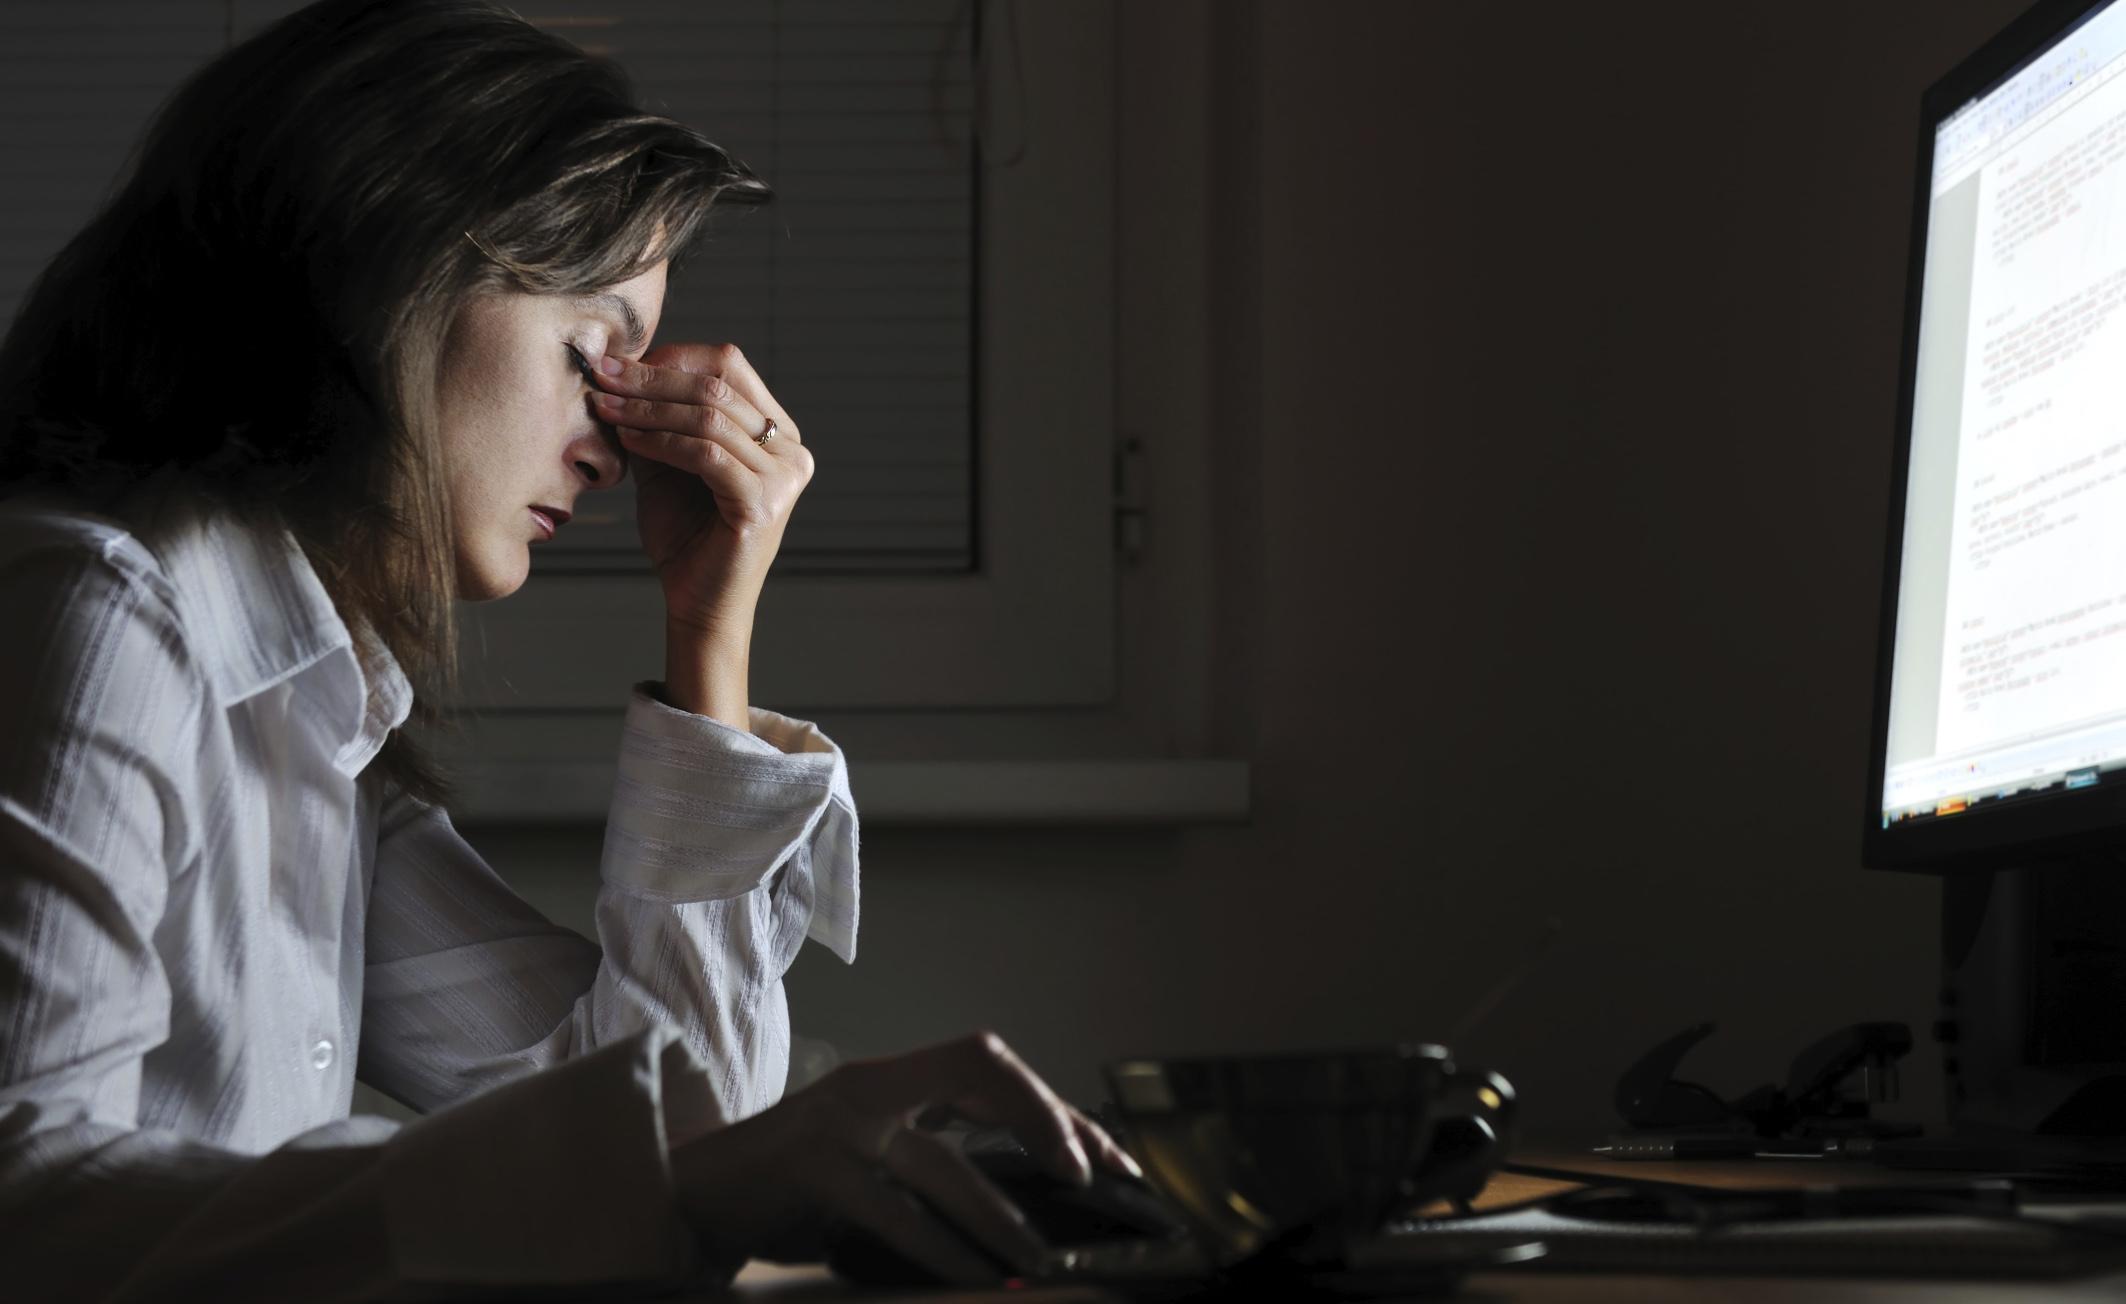 Lavorare di notte aumenta il rischio di diabete